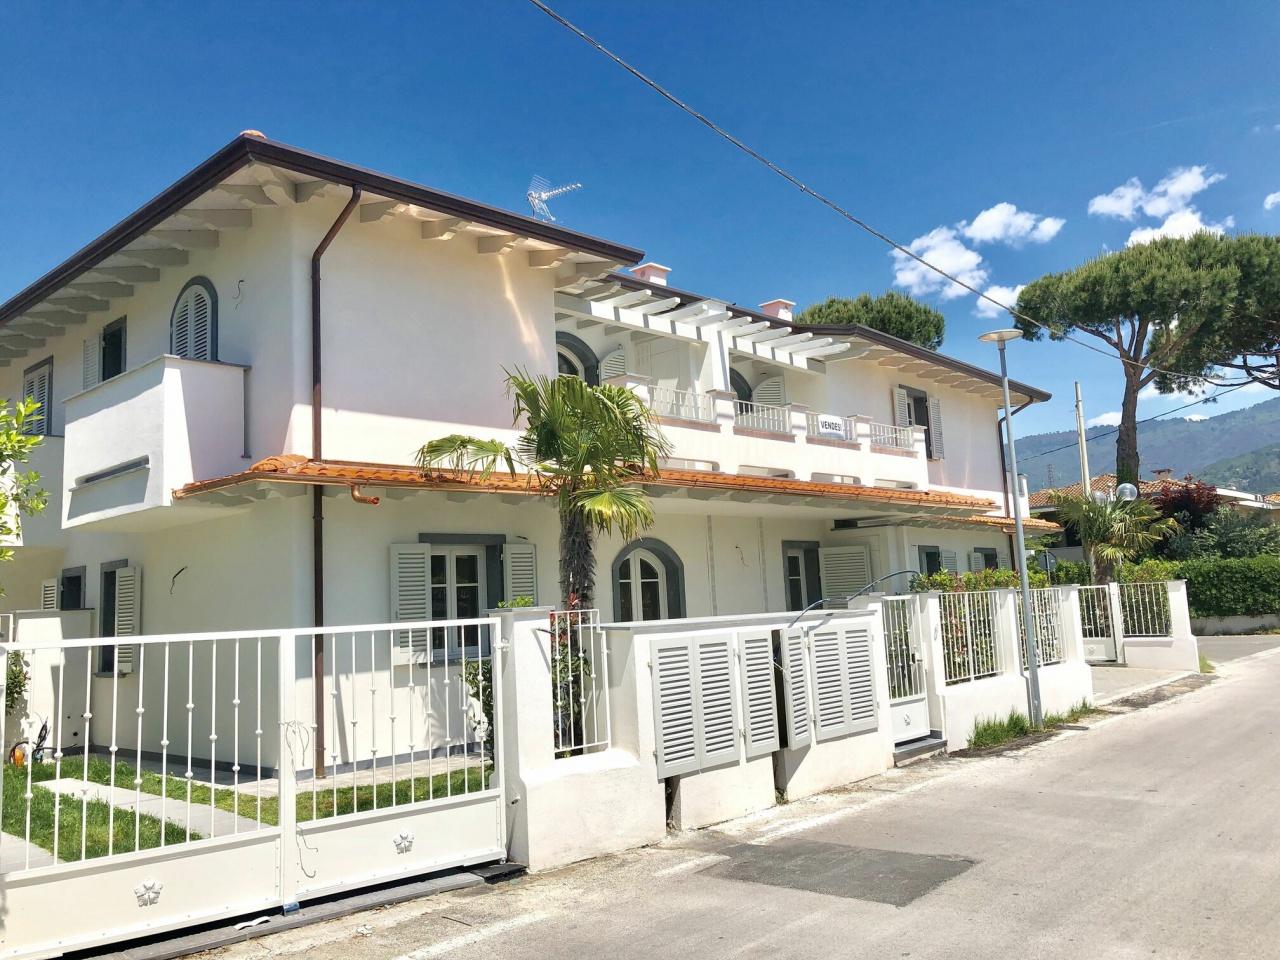 Appartamento in vendita a Montignoso, 3 locali, Trattative riservate | PortaleAgenzieImmobiliari.it